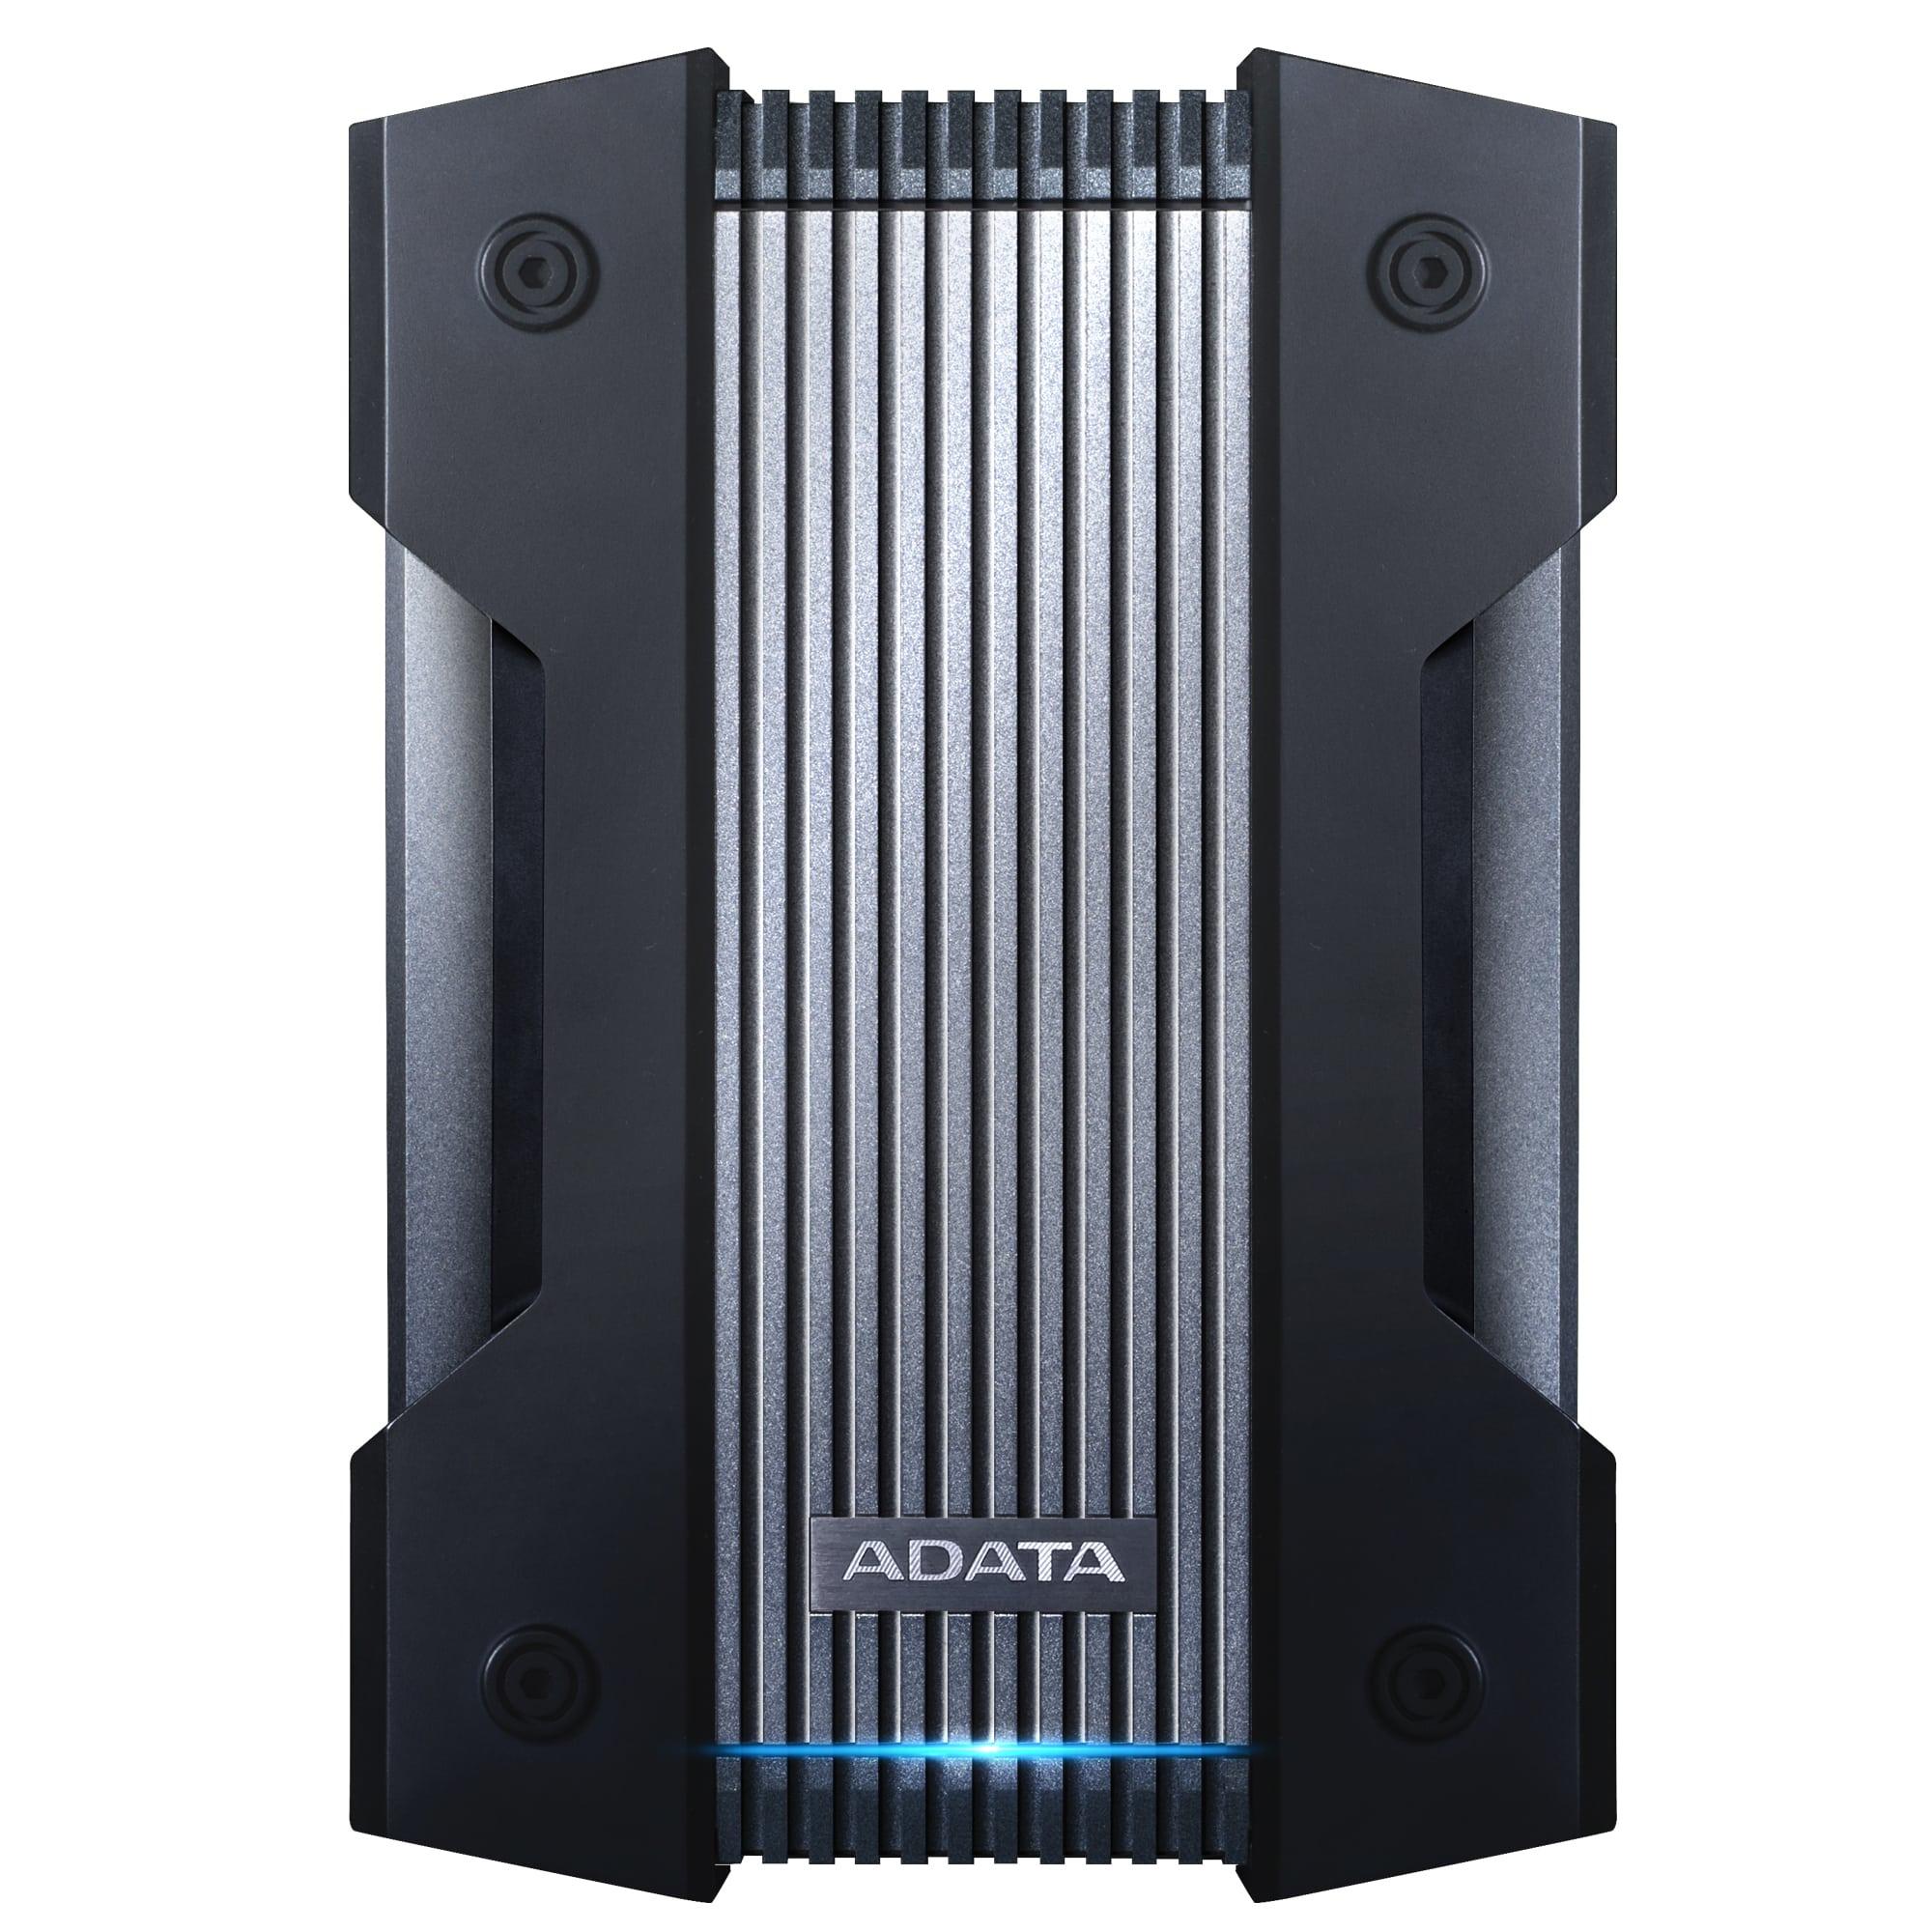 ADATA HD830 external hard drive 4000 GB Black